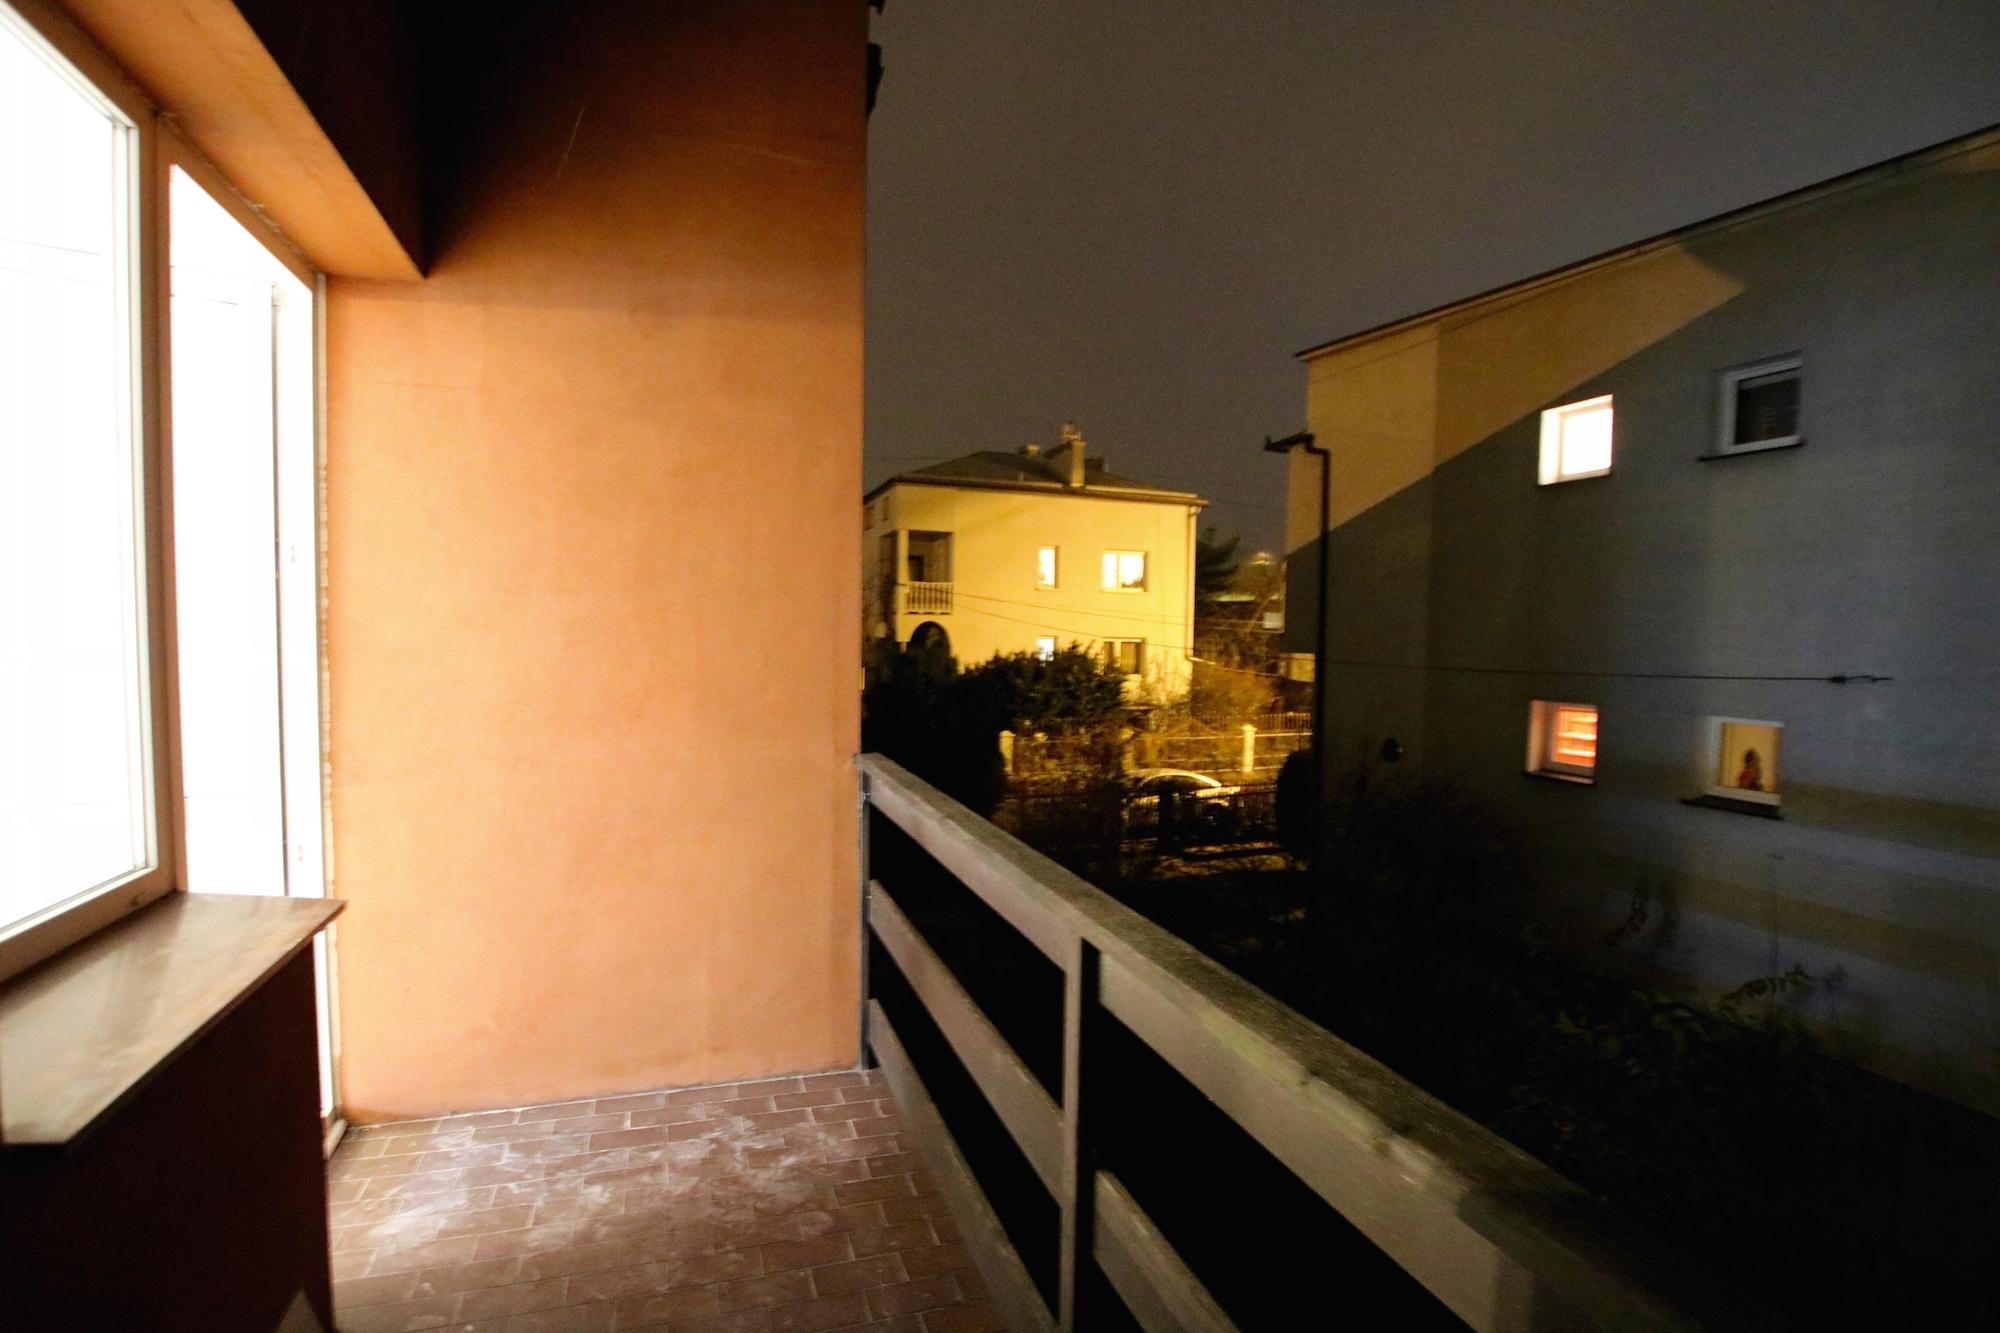 Mieszkanie do wynajęcia 85 m2, ul. Parkowa, WYSOKI STANDARD